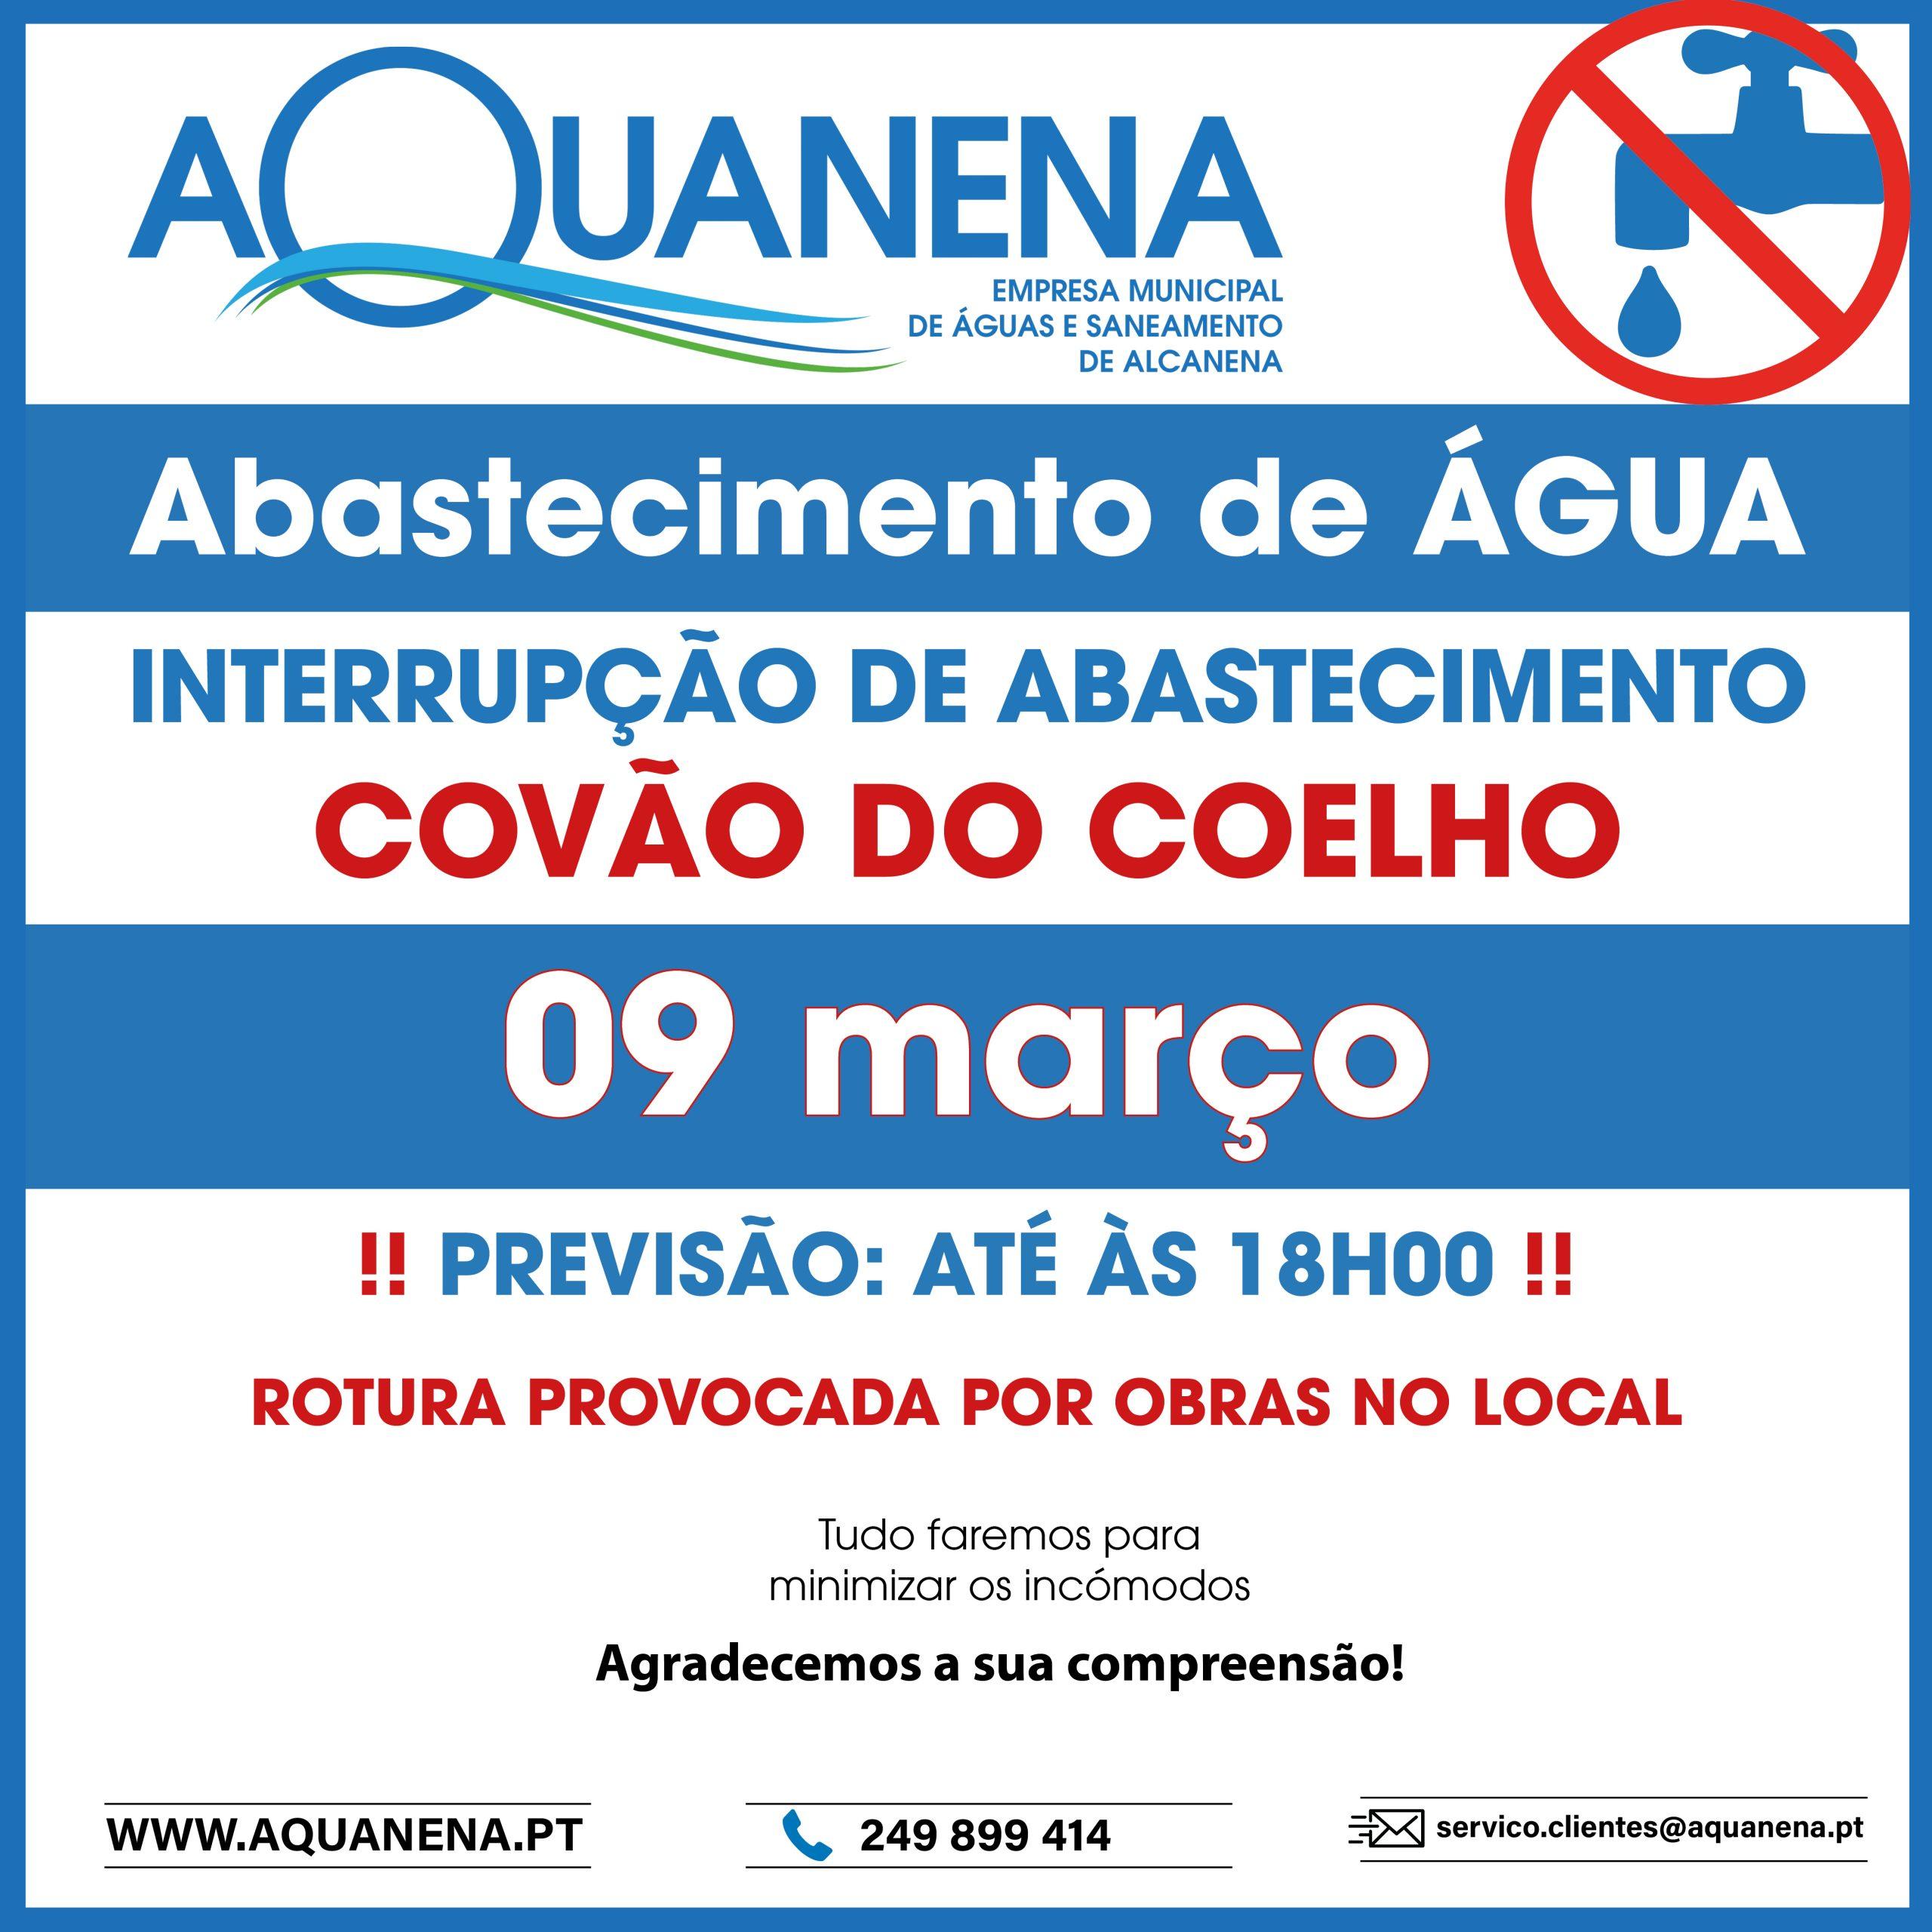 INTERRUPÇÃO de abastecimento de água em COVÃO DO COELHO – Rotura | 09 MAR